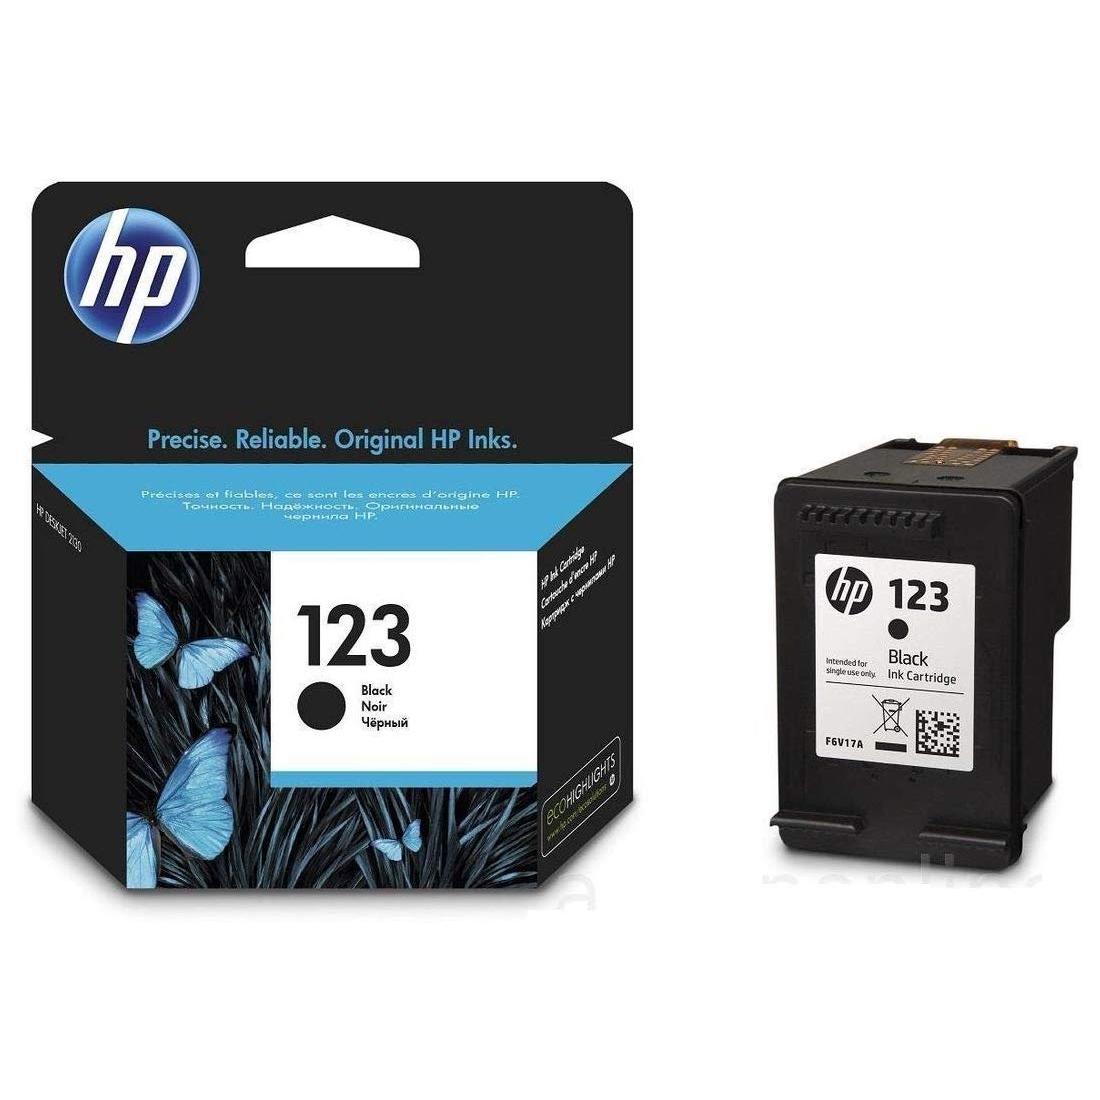 HP 123 Black Noir Ink Cartridge For HP Deskjet 2130 2620 ...